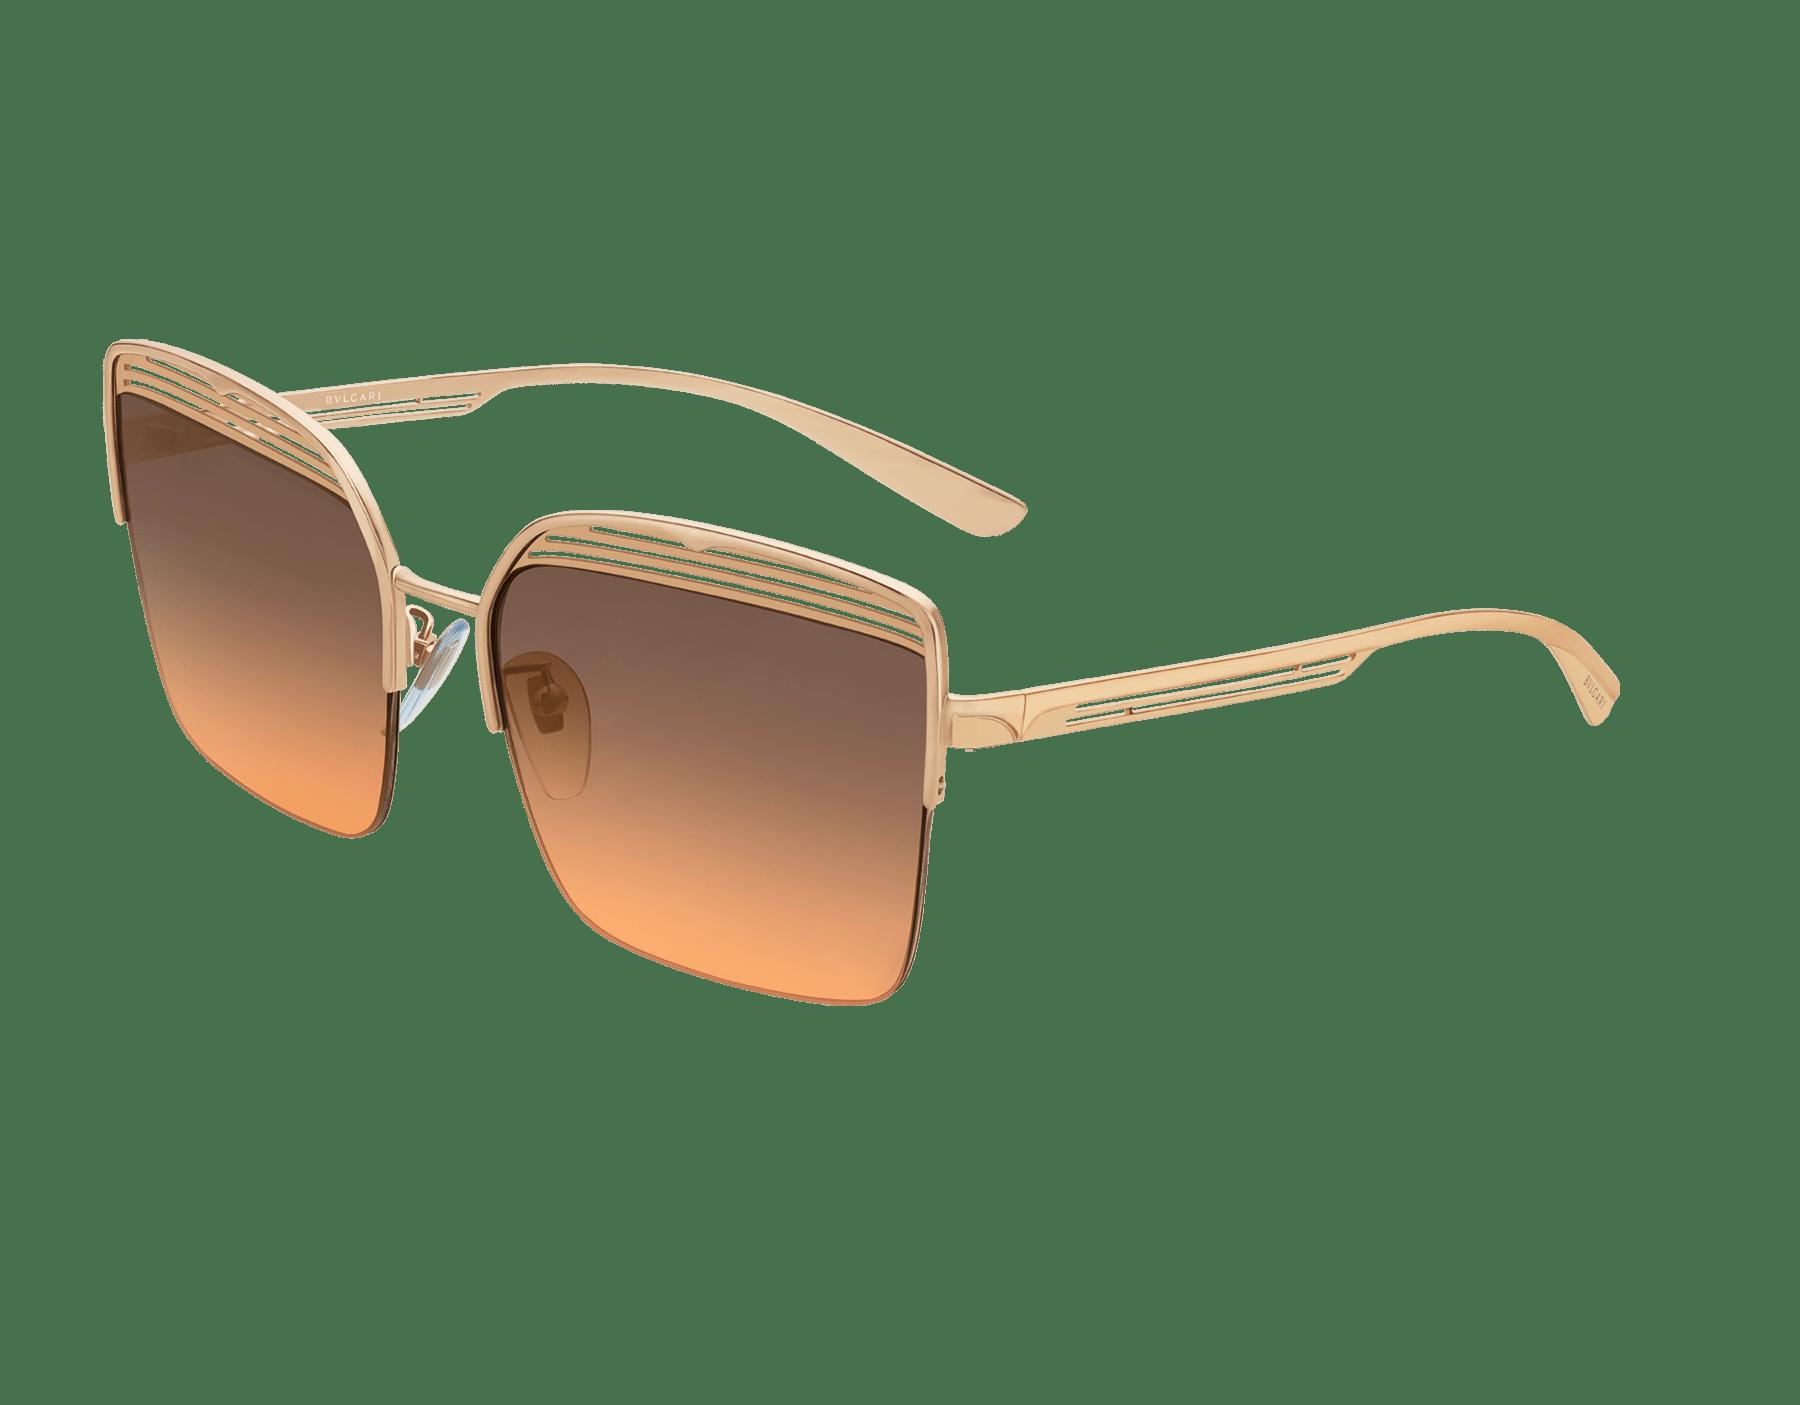 Occhiali da sole Bvlgari B.zero1 B.overvibe con montatura semicerchiata in metallo dalla forma squadrata. 903811 image 1